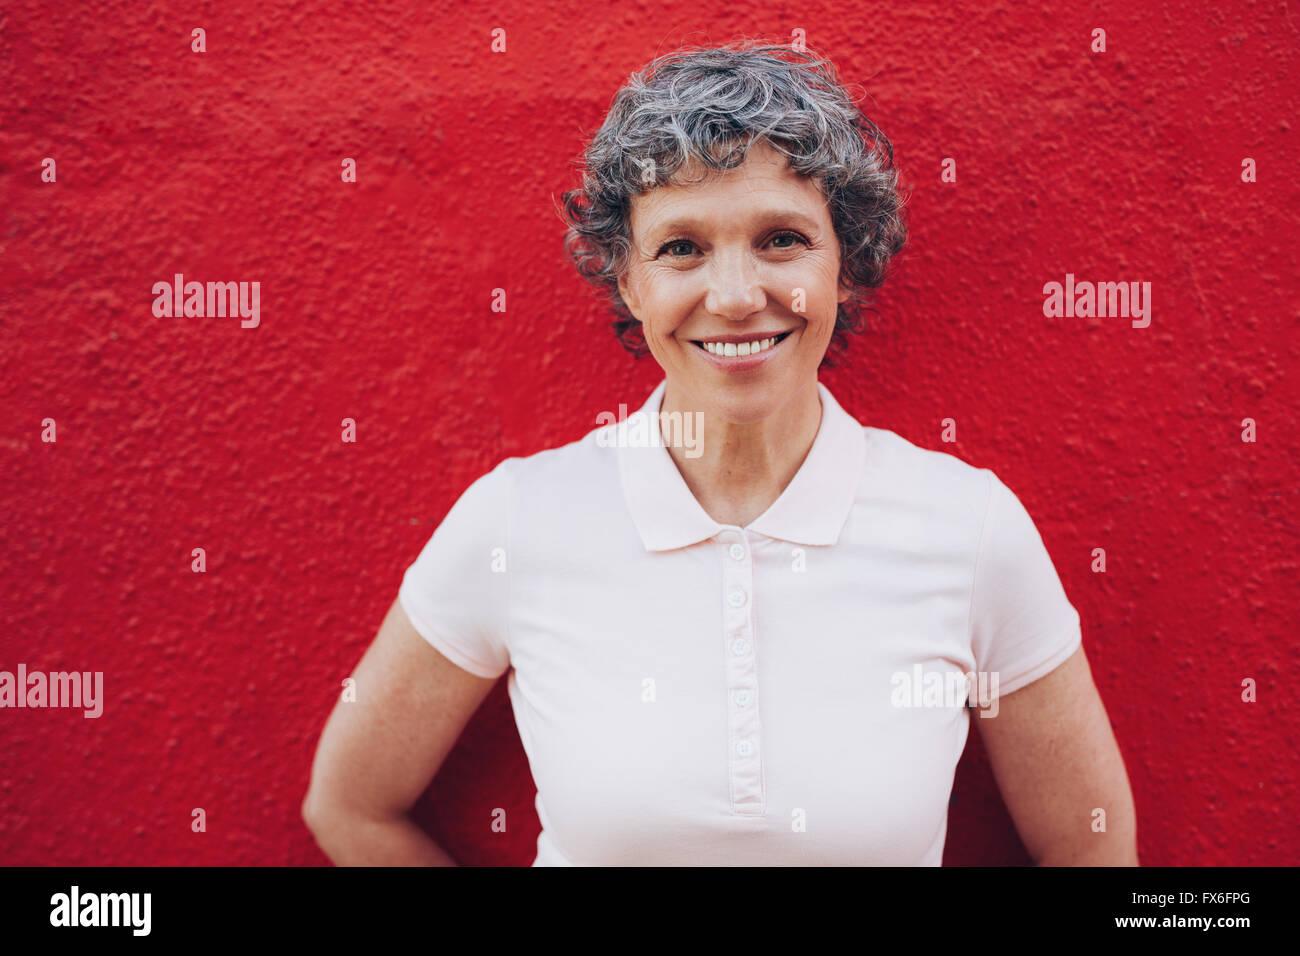 Retrato de mujer de pie senior contra el fondo rojo. Sonriendo a mediados adulto hembra rojo contra la pared. Imagen De Stock